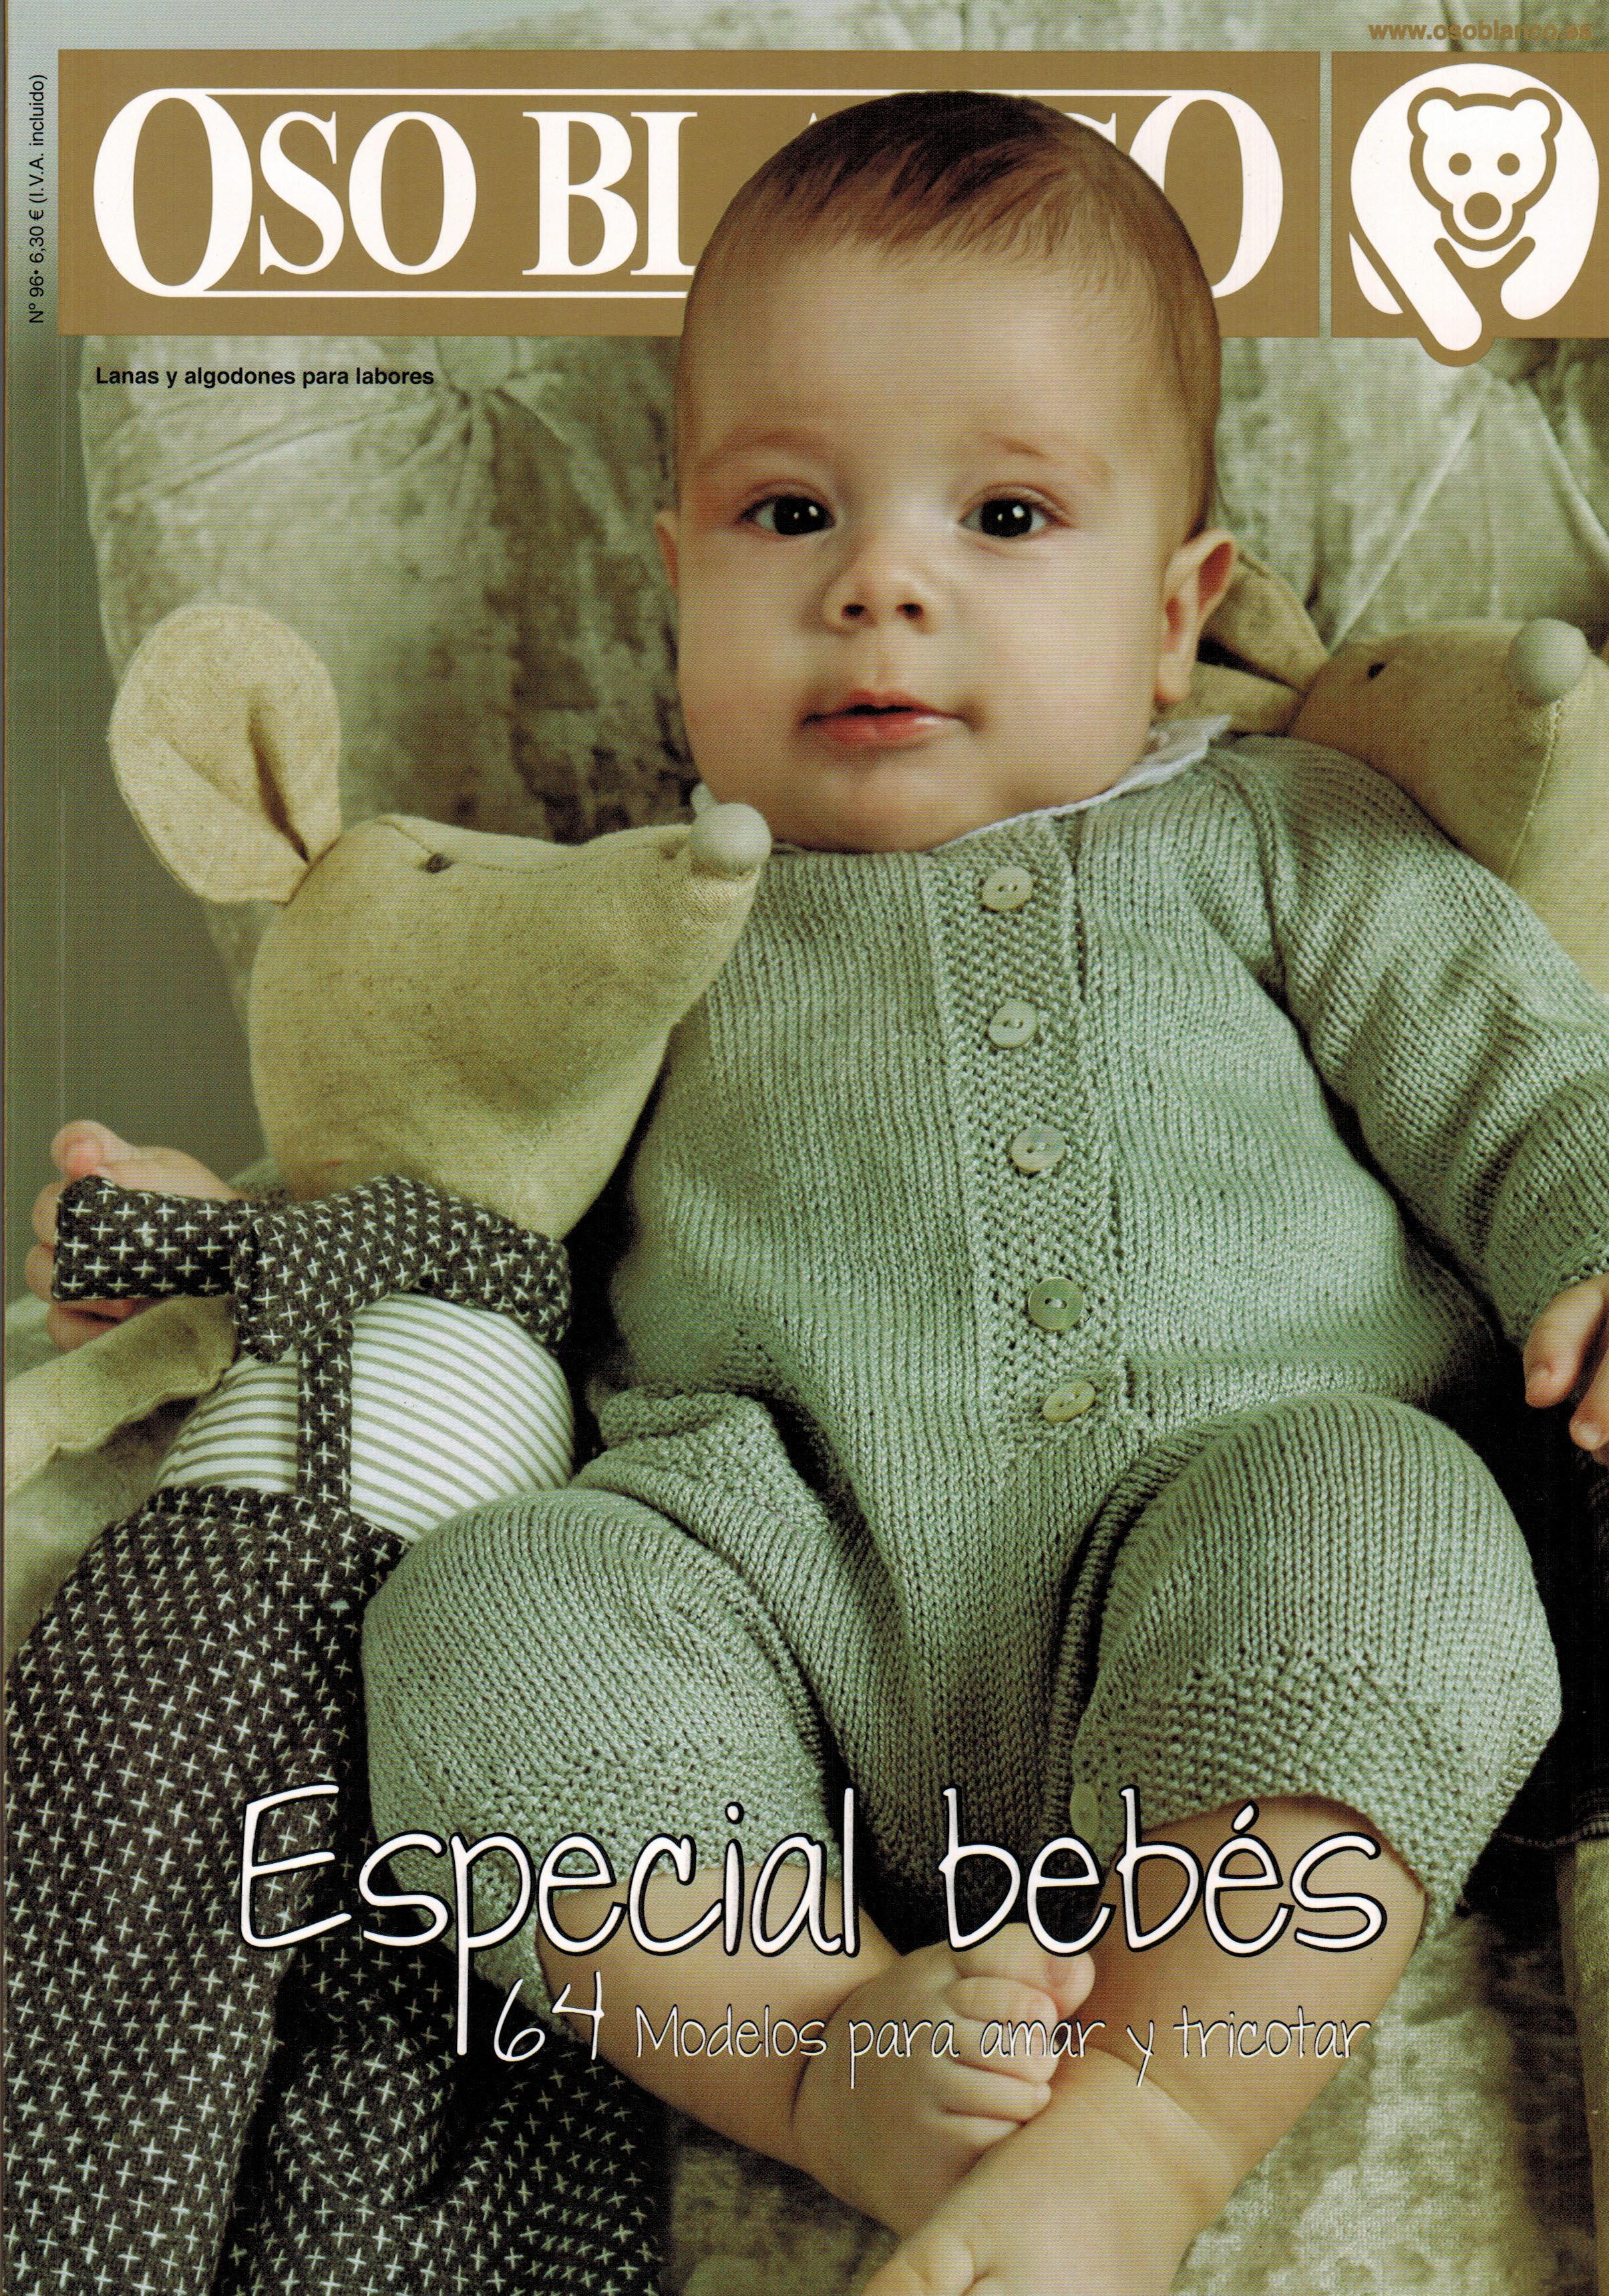 Revistas para niños Otoño-Invierno 2013  624031061e6